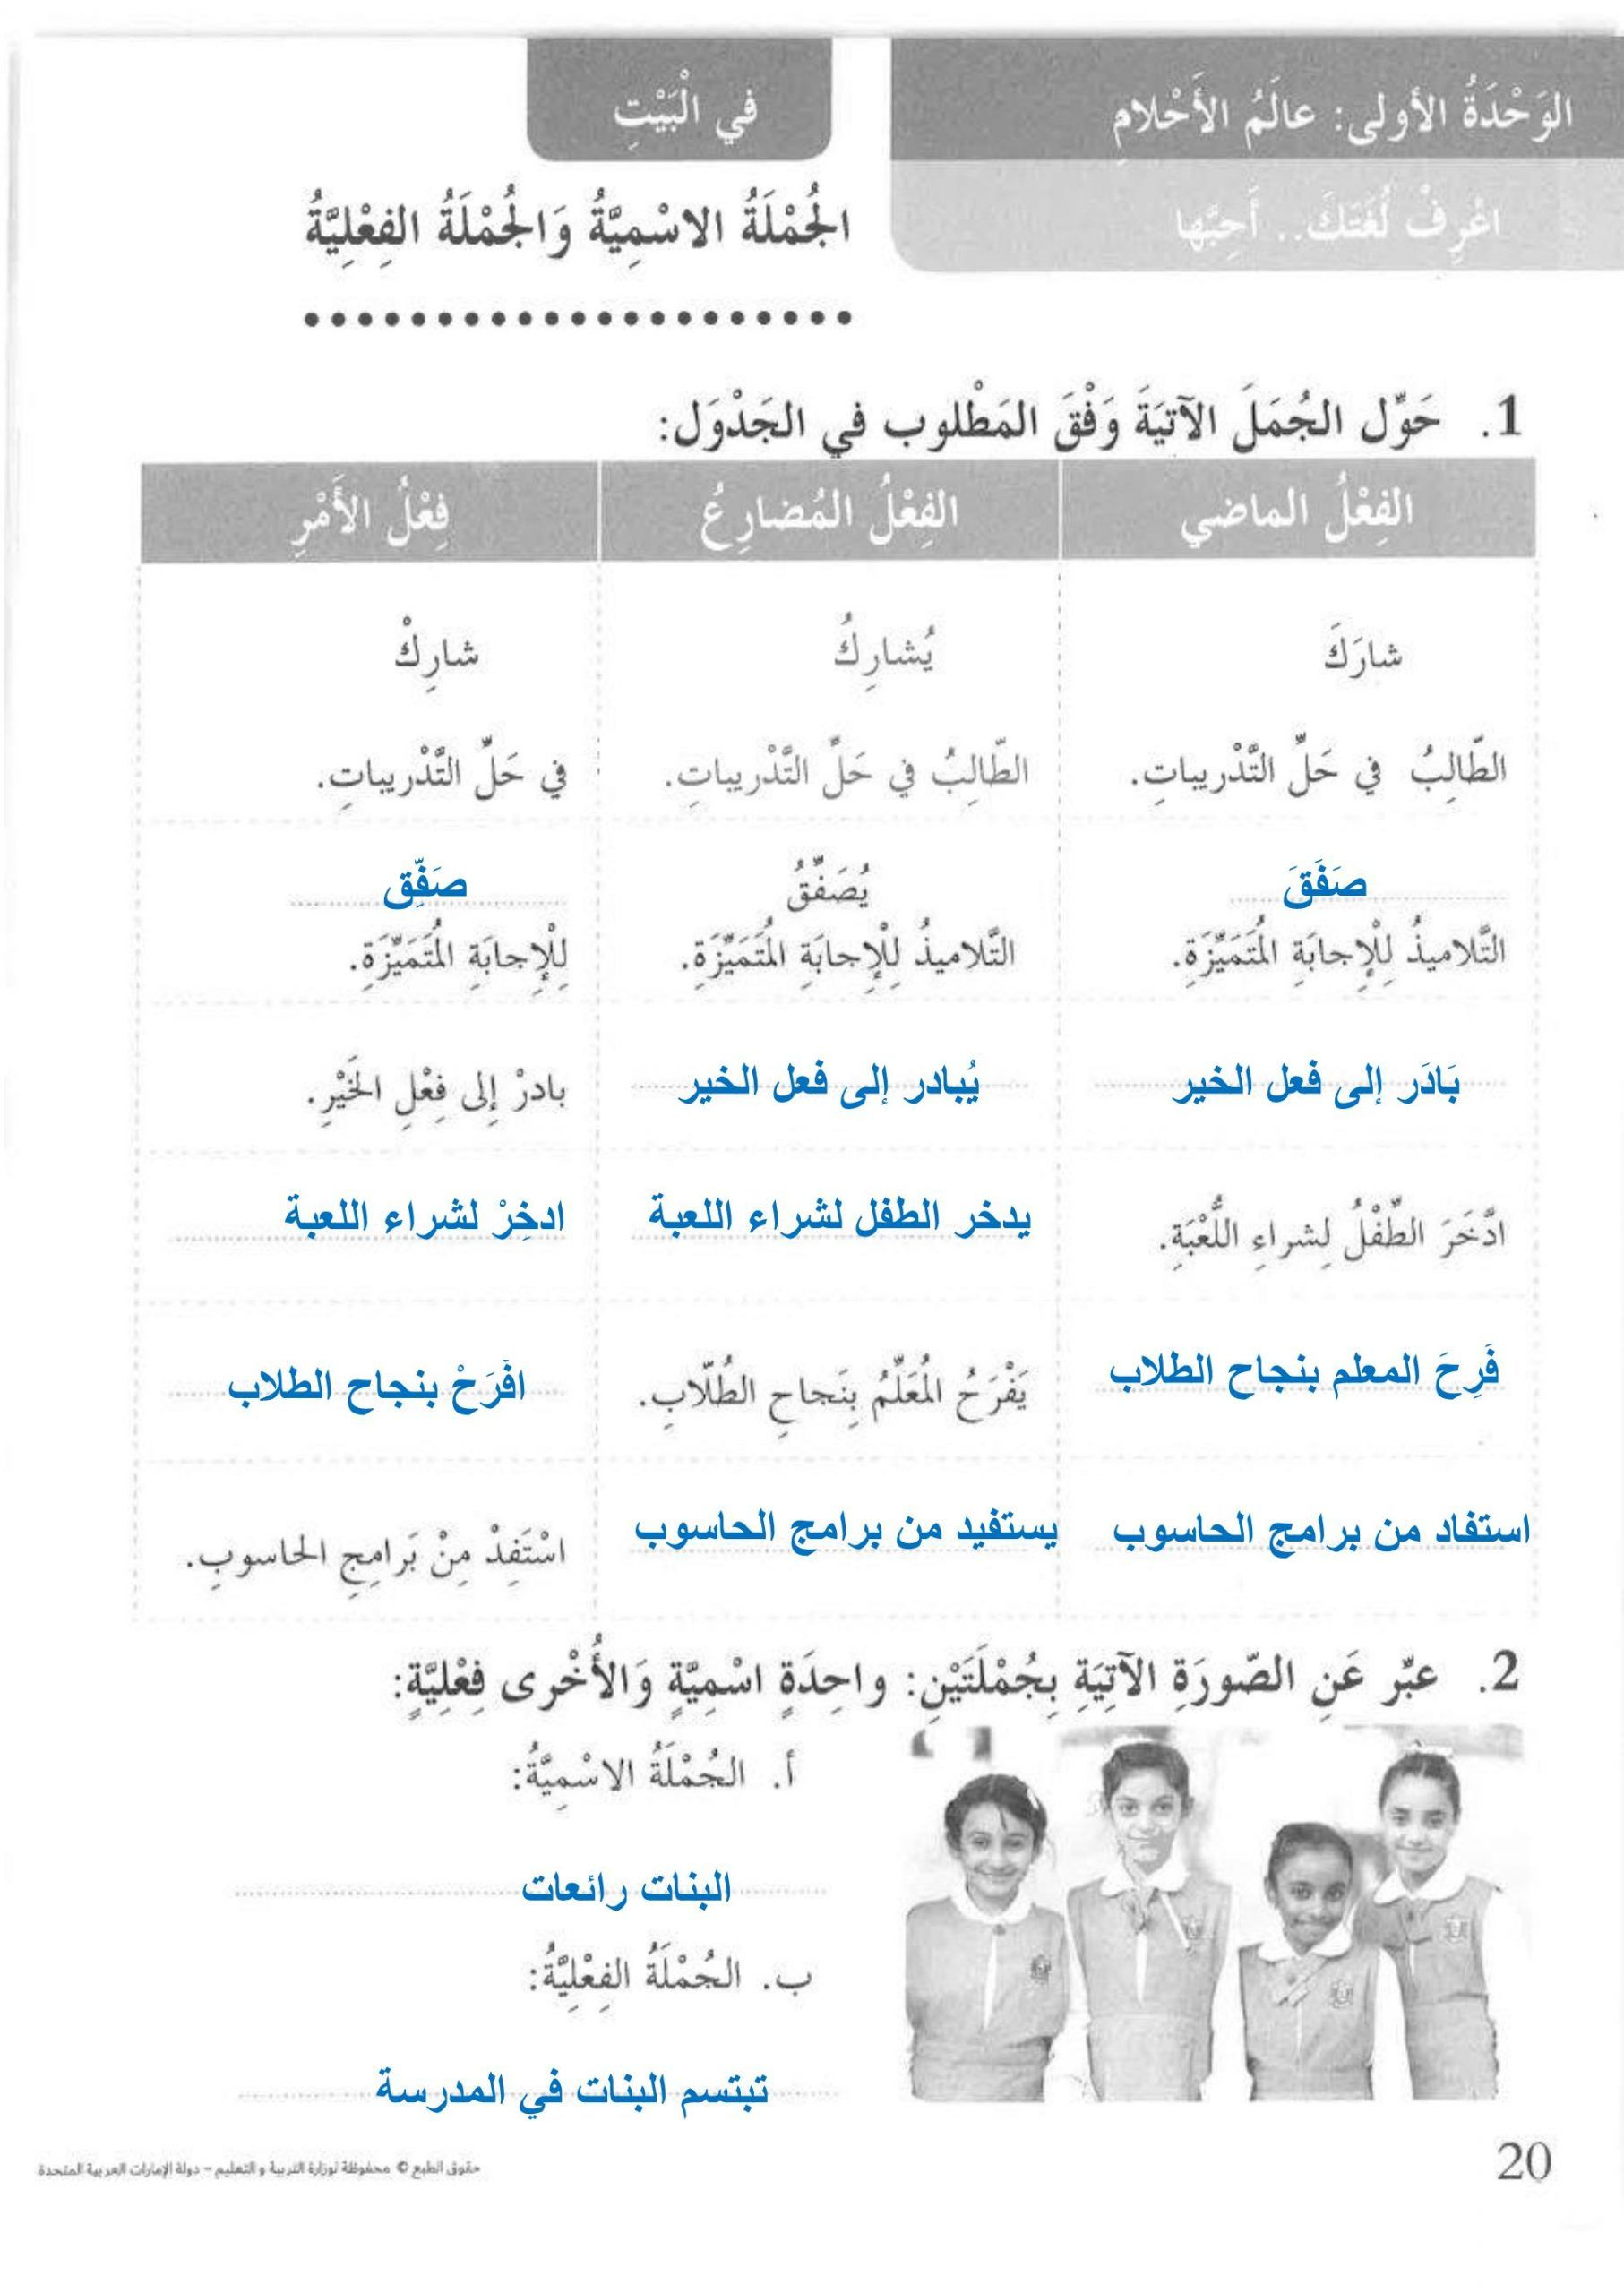 كتاب النشاط درس الجملة الاسمية والجملة الفعلية مع الاجابات للصف الثالث مادة اللغة العربية Arabic Resources Resources